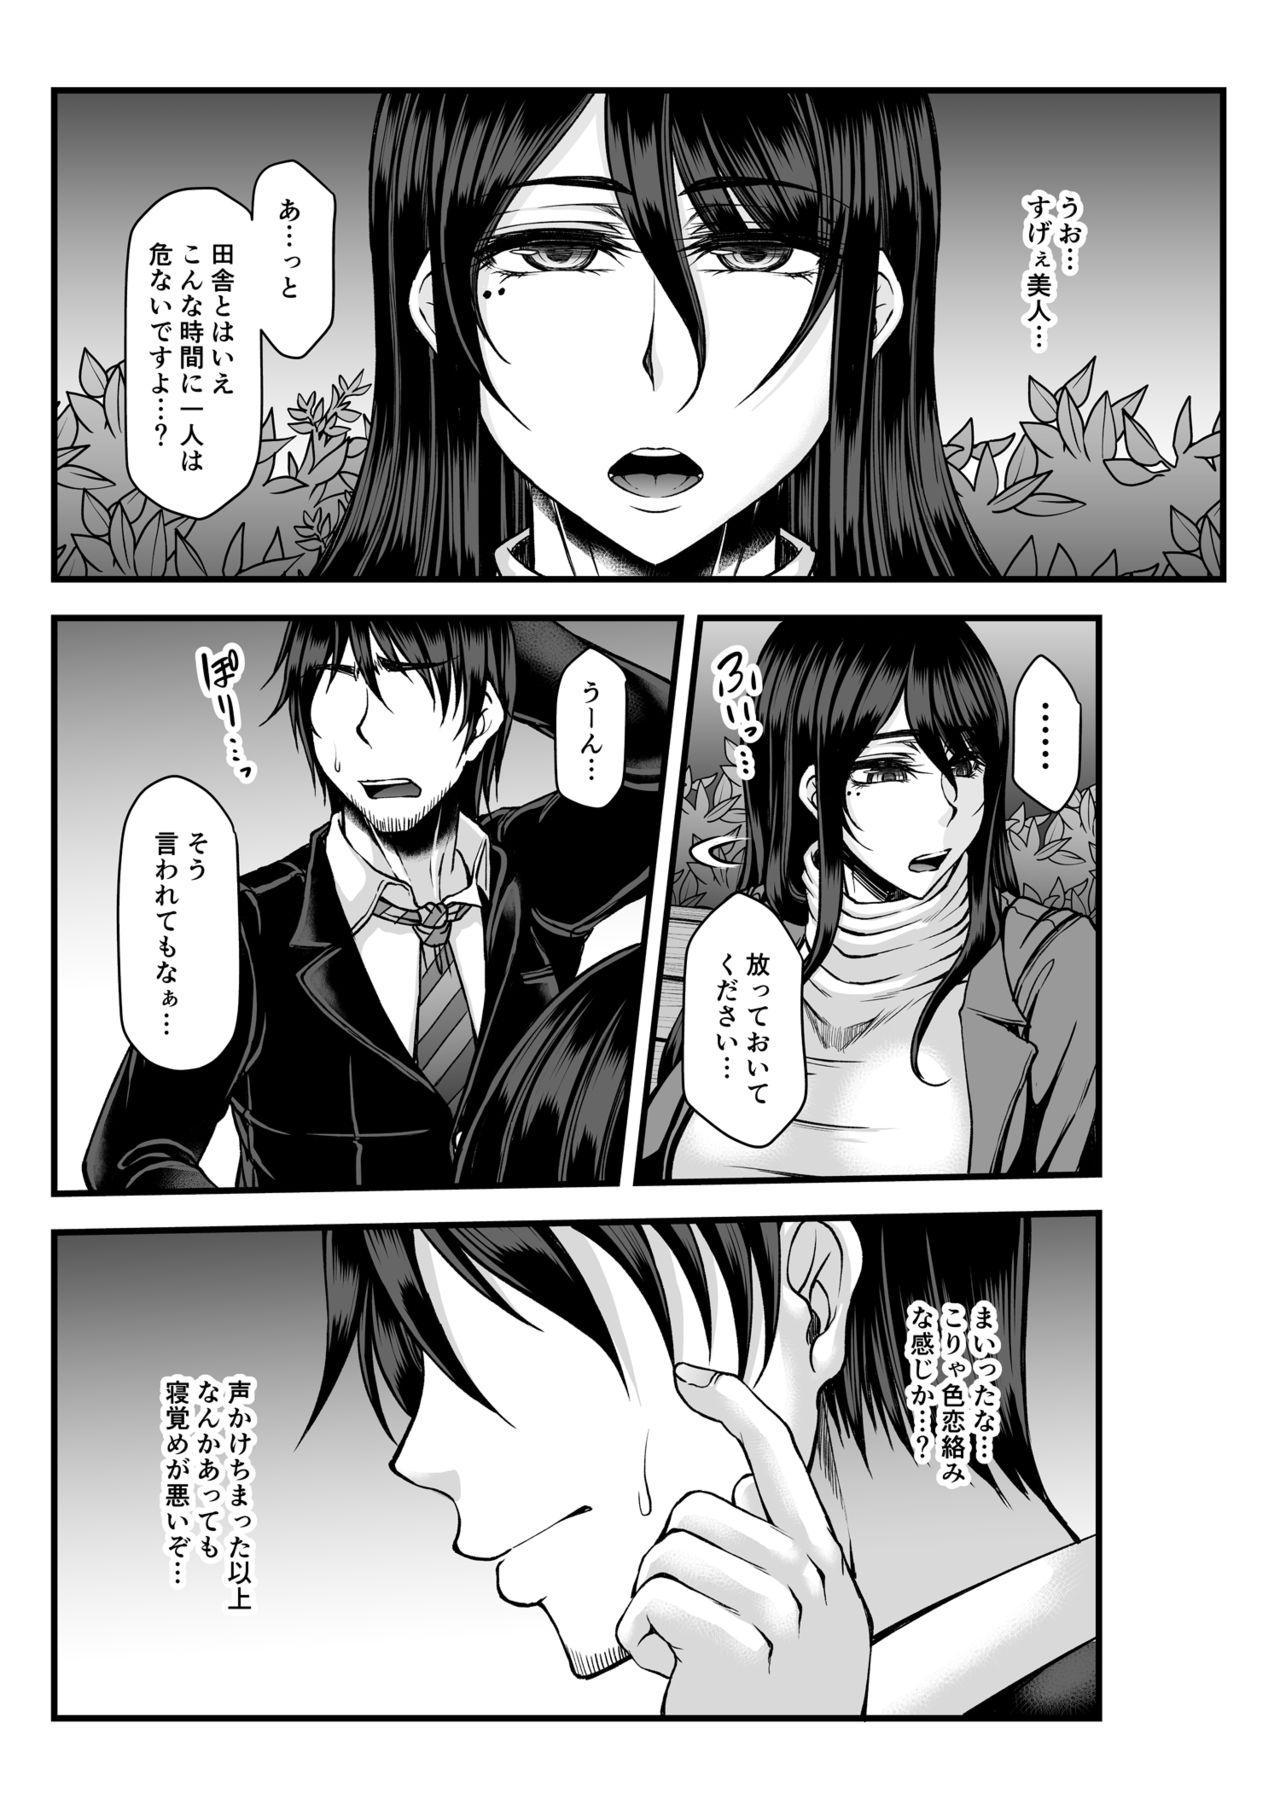 Toshinose wa Tsugou no Ii Nukumori to... 4